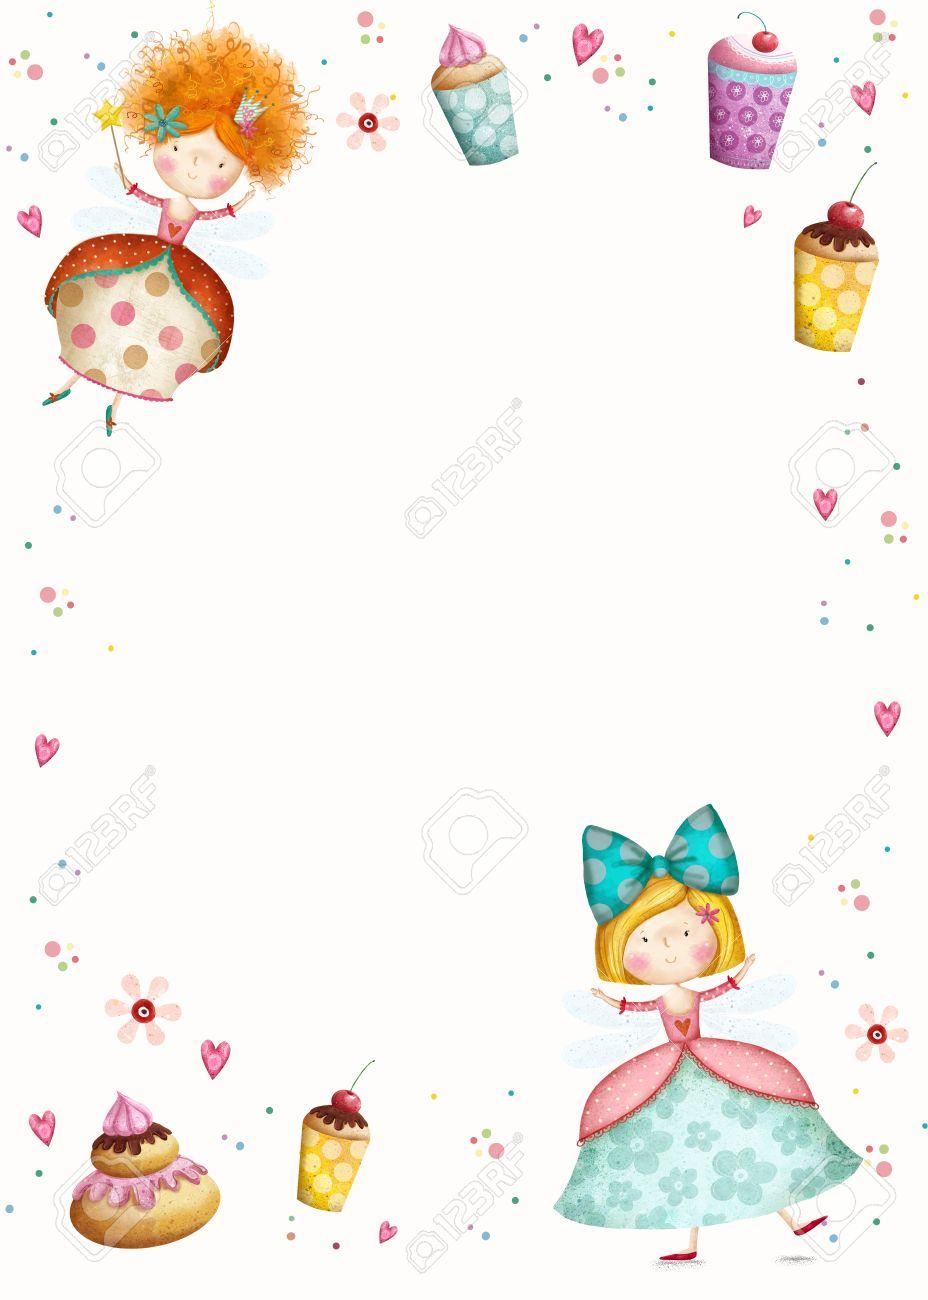 Happy Birthday Invitation.Party Invitation.Cute Small Princesses ...